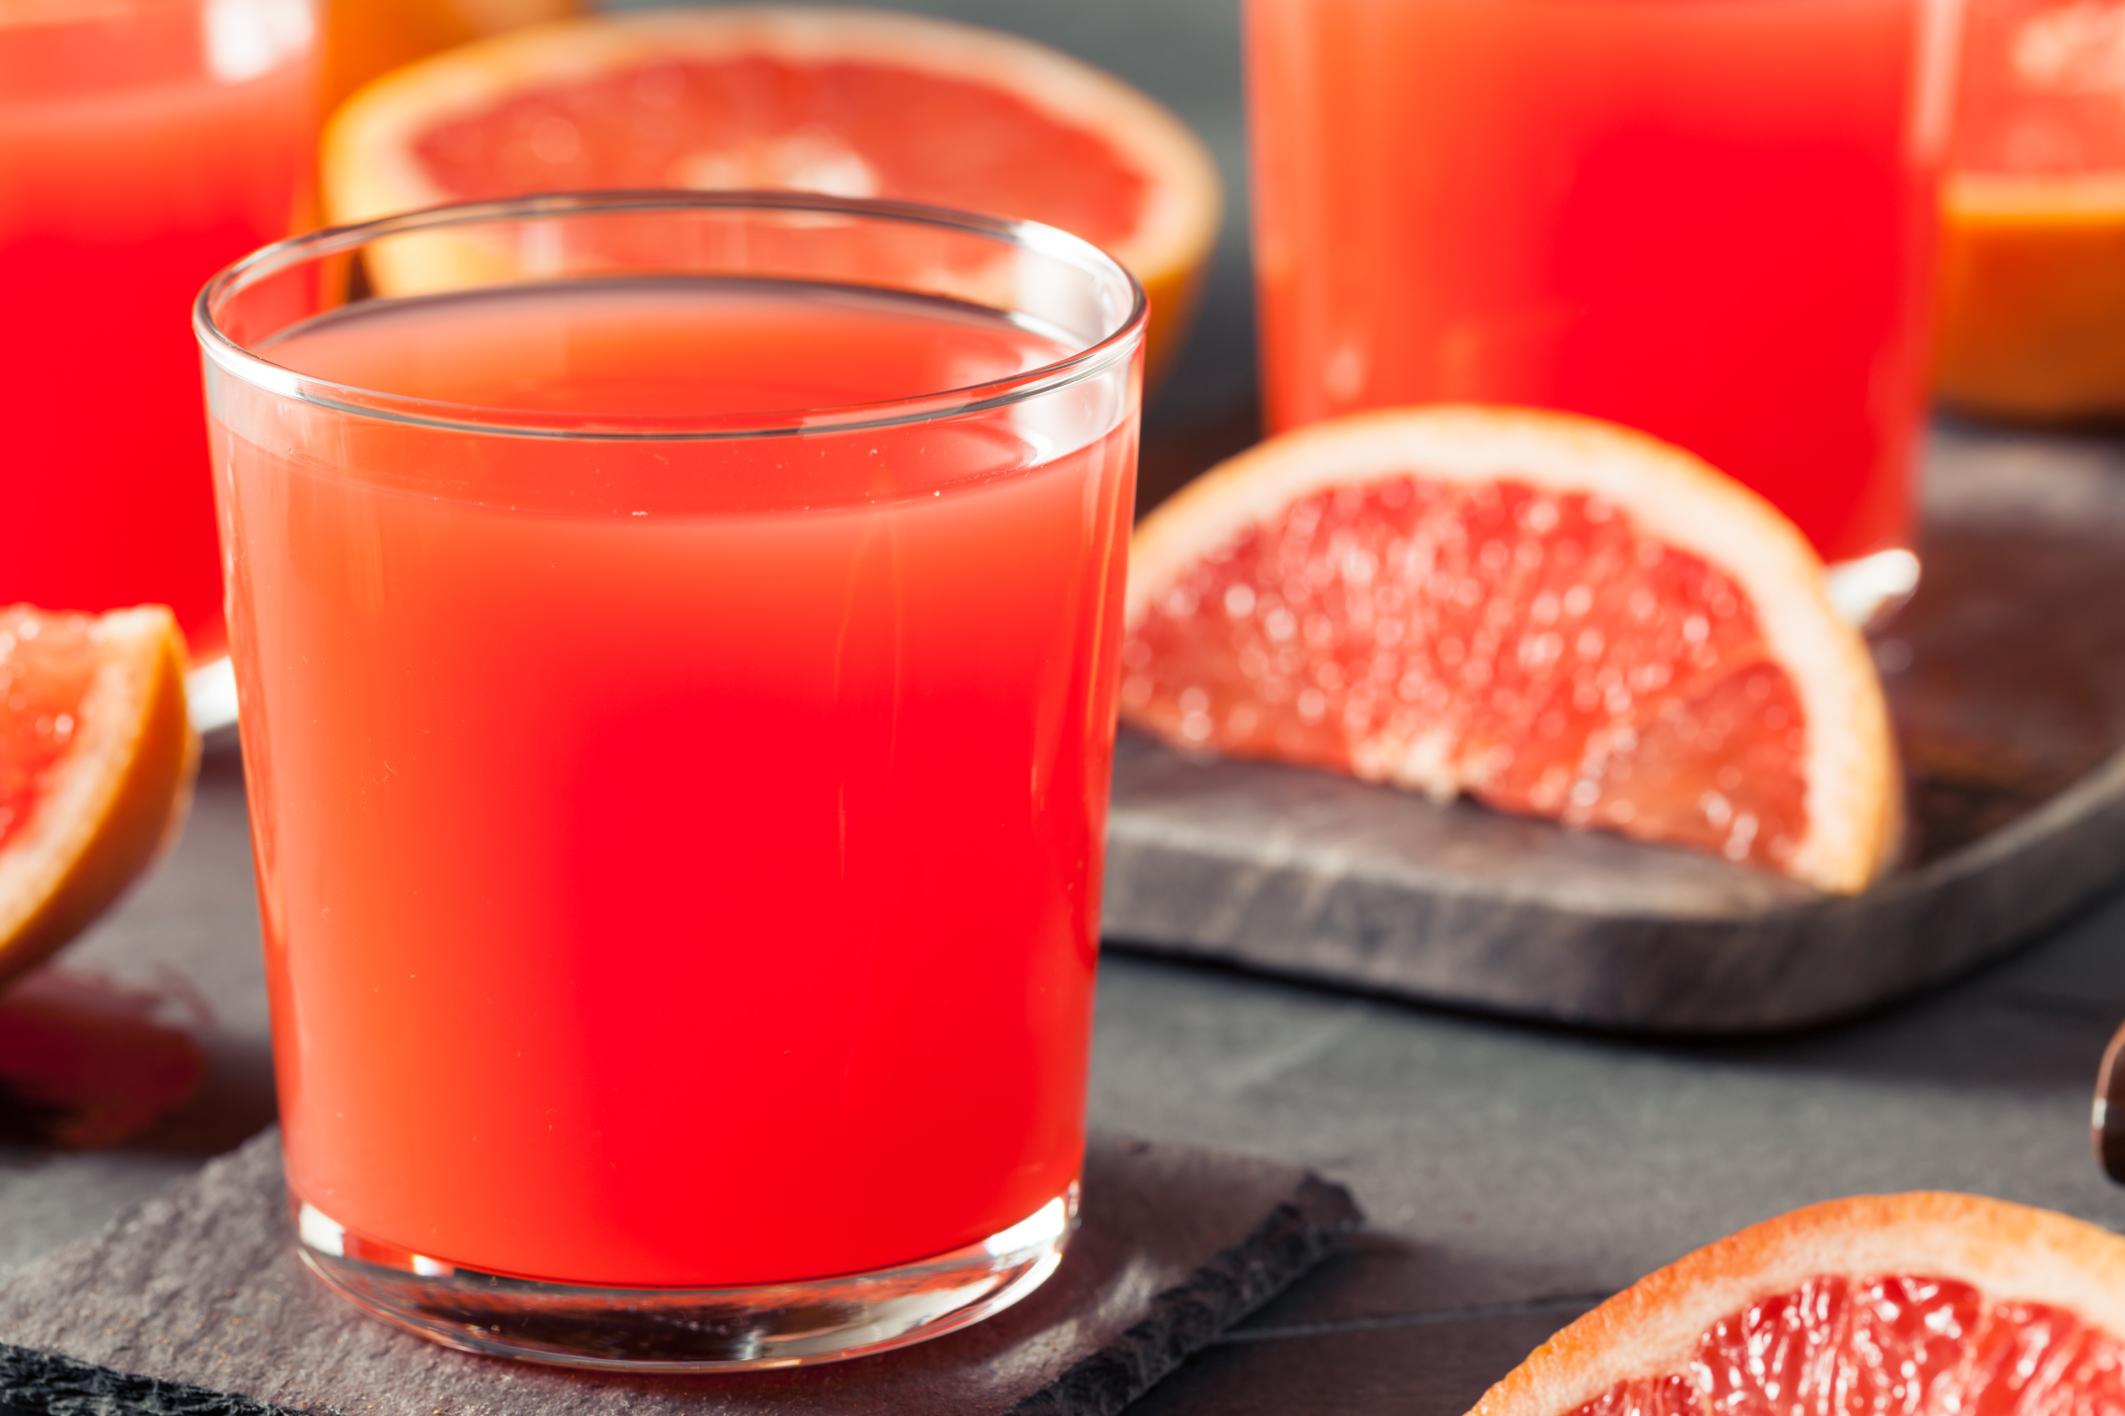 <p><strong>Плодов сок</strong></p>  <p>Хората смятат, че фрешовете са здравословни, защото са направени само и единствено от плодове. Със сигурност, прясно изцеден сок от портокал или грейпфрут е пълен с полезни витамини и минерали като витамин С, но освен това е и пълен със захар, Тъй като сърдечните заболявания са сред водещите болести-убийци при жените, тези захарни бомби трябва да се избягват. По-добре директно консумирайте самия плод. Той съдържа важни фибри, които ще ви помогнат да регулирате кръвната си захар.</p>